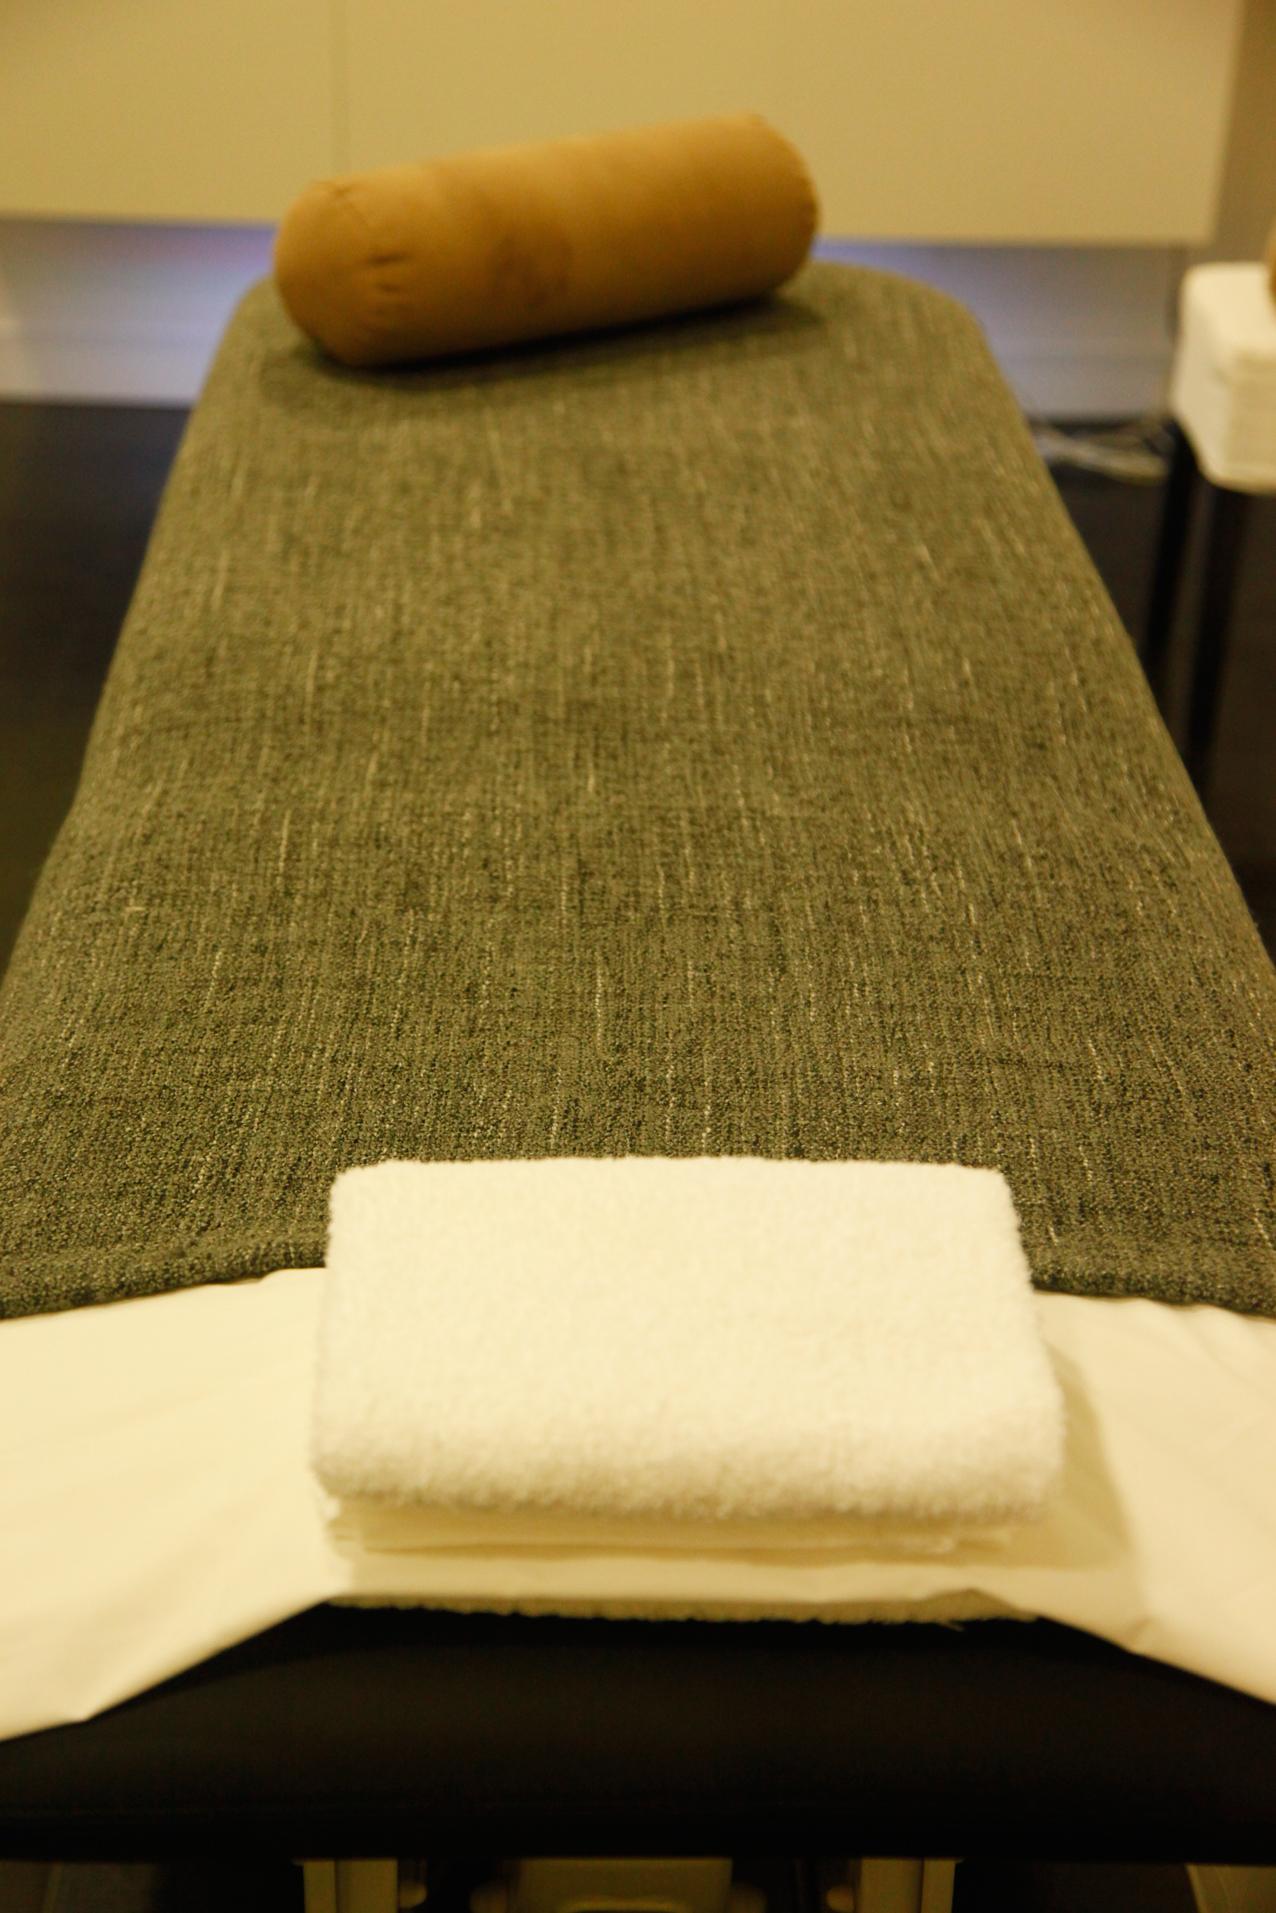 masaje bio energitico de chackas, love in care, belleza, tratamiento, masajes, energía, reiki,